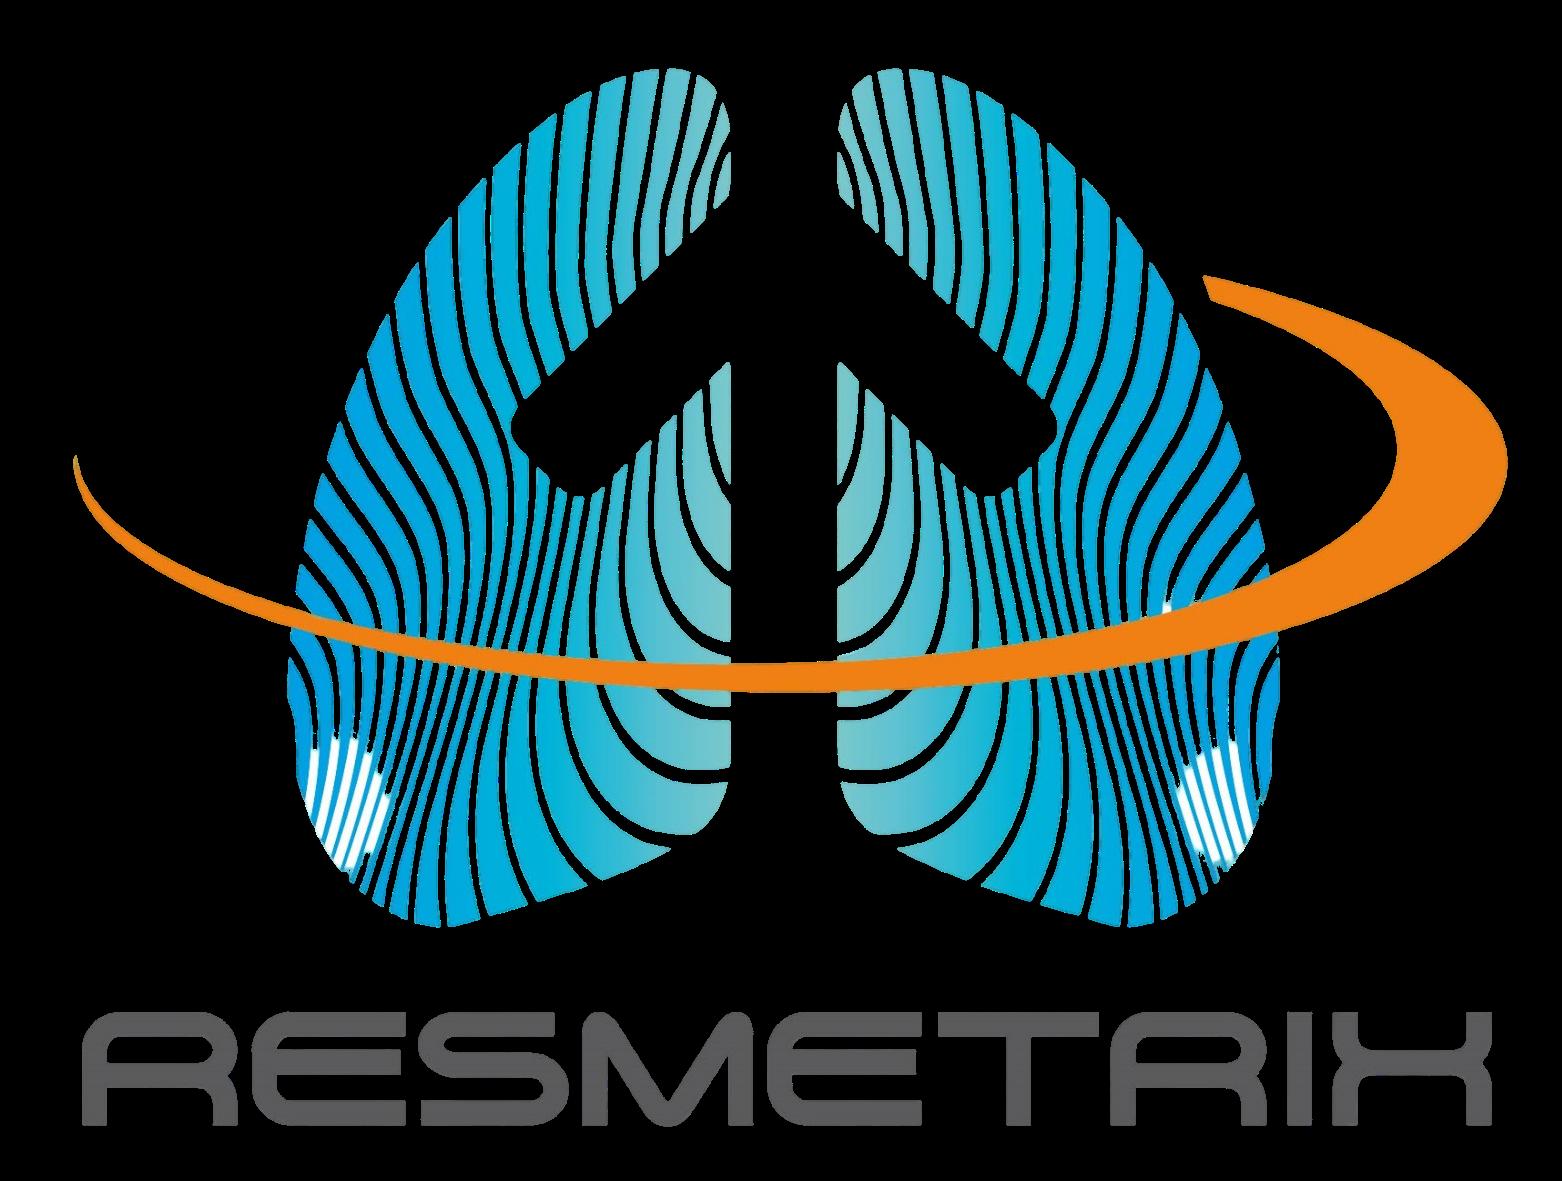 resmetrix